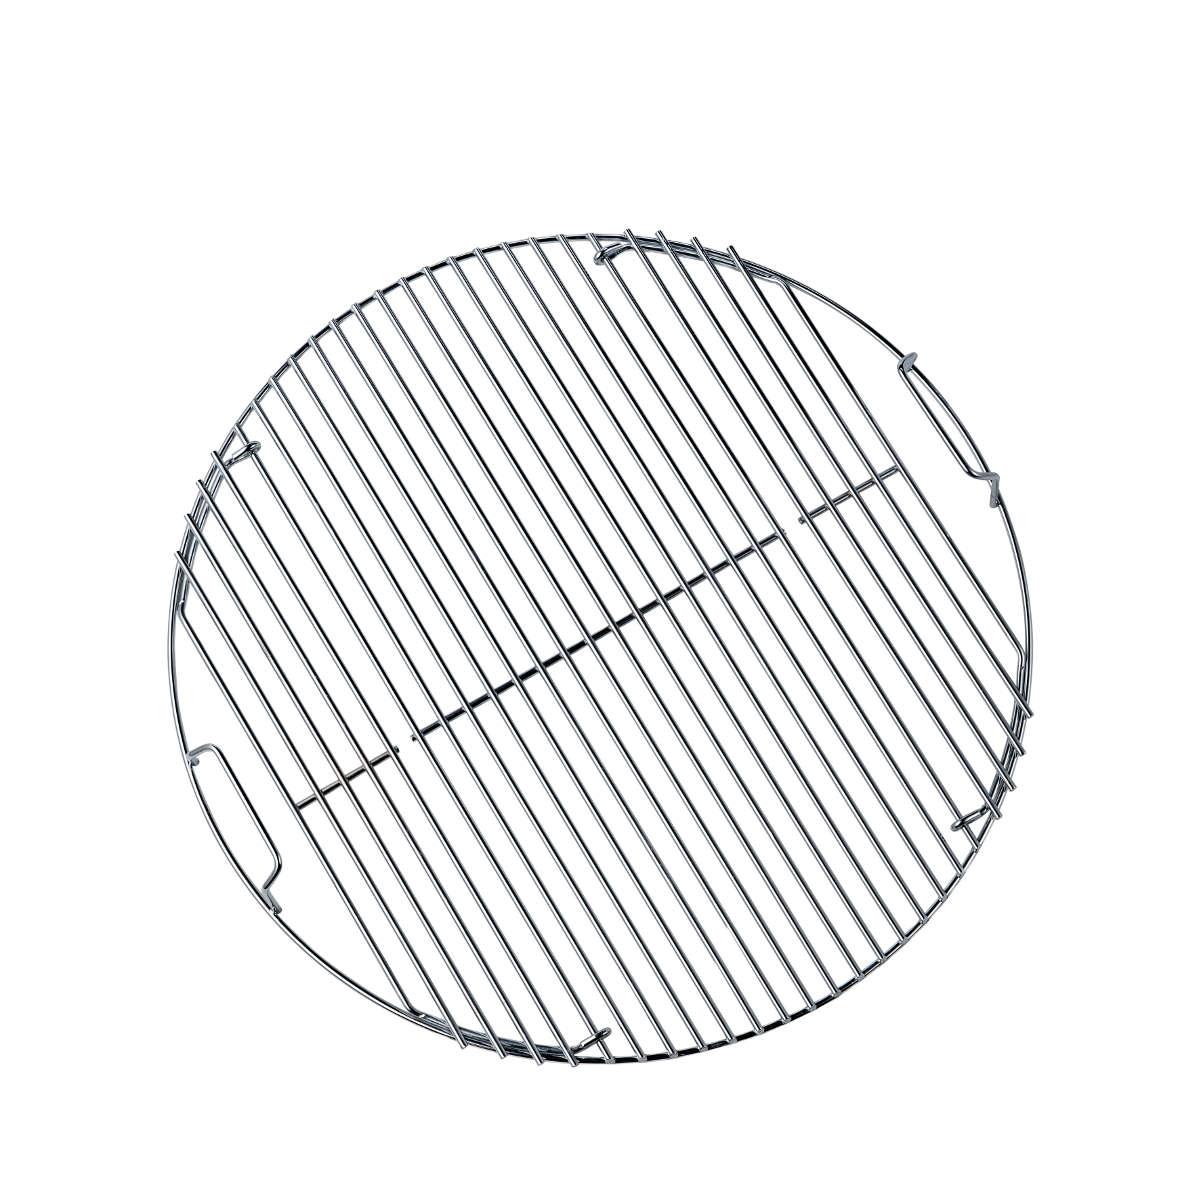 Grillrost-rund-47cm